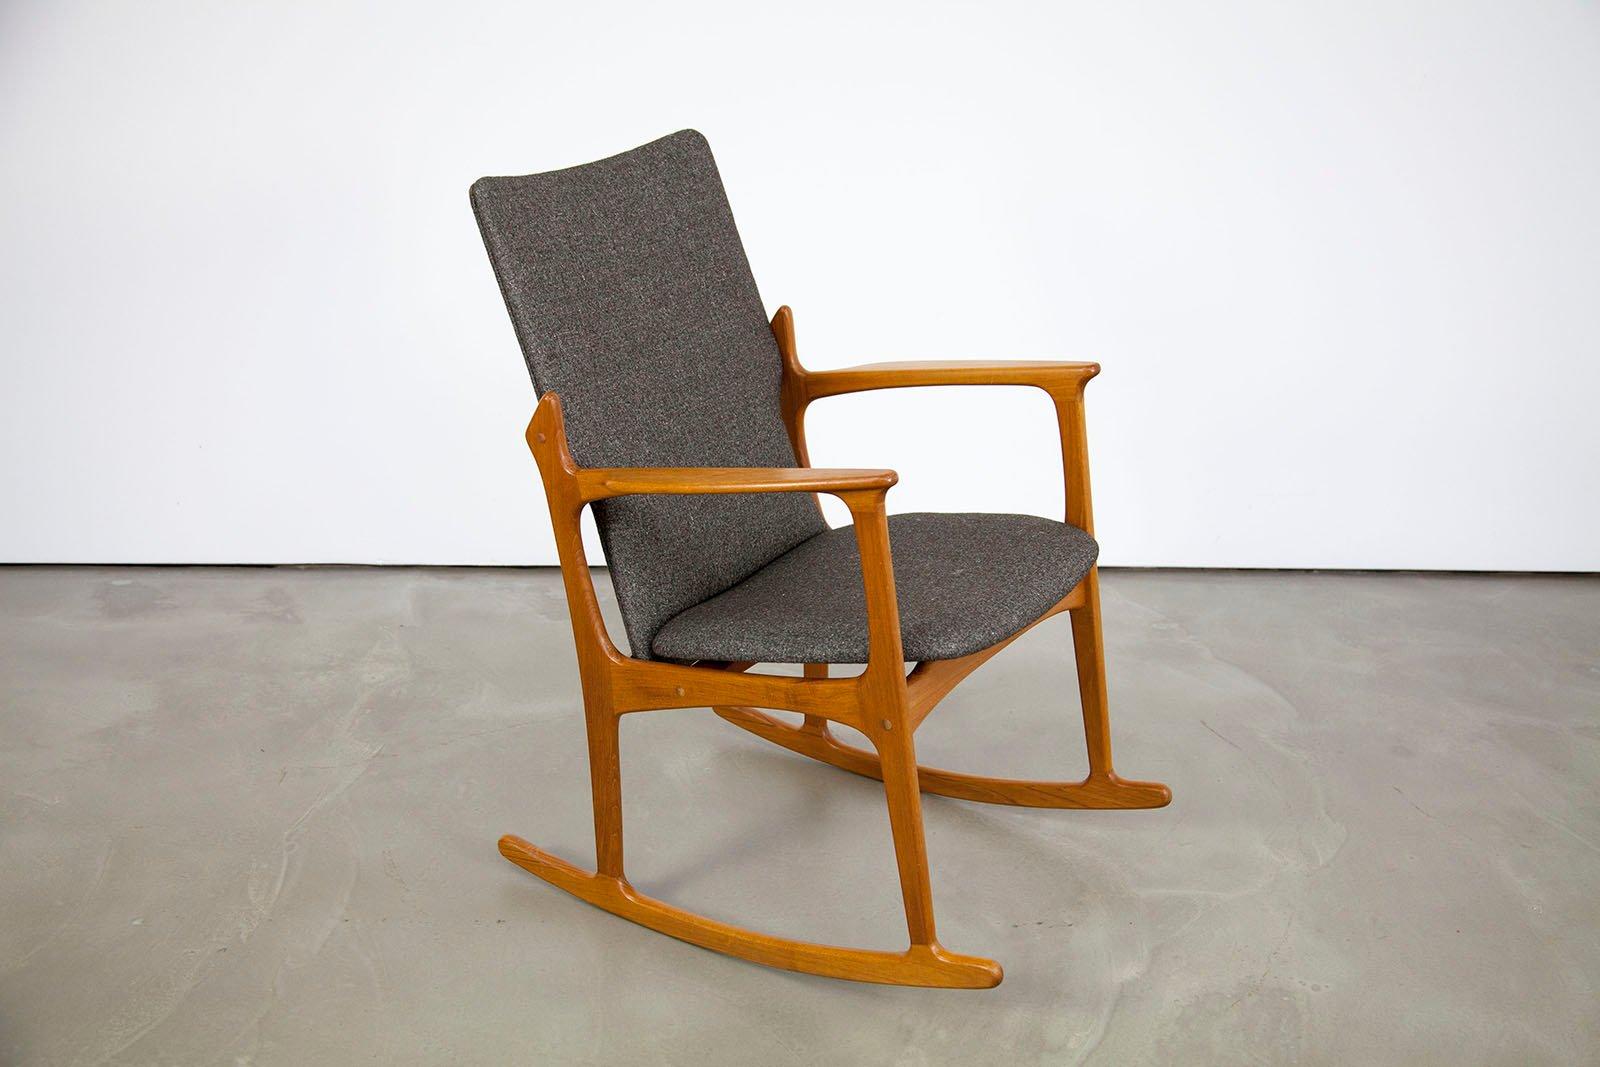 d nischer moderner teakholz schaukelstuhl von vamdrup bei pamono kaufen. Black Bedroom Furniture Sets. Home Design Ideas